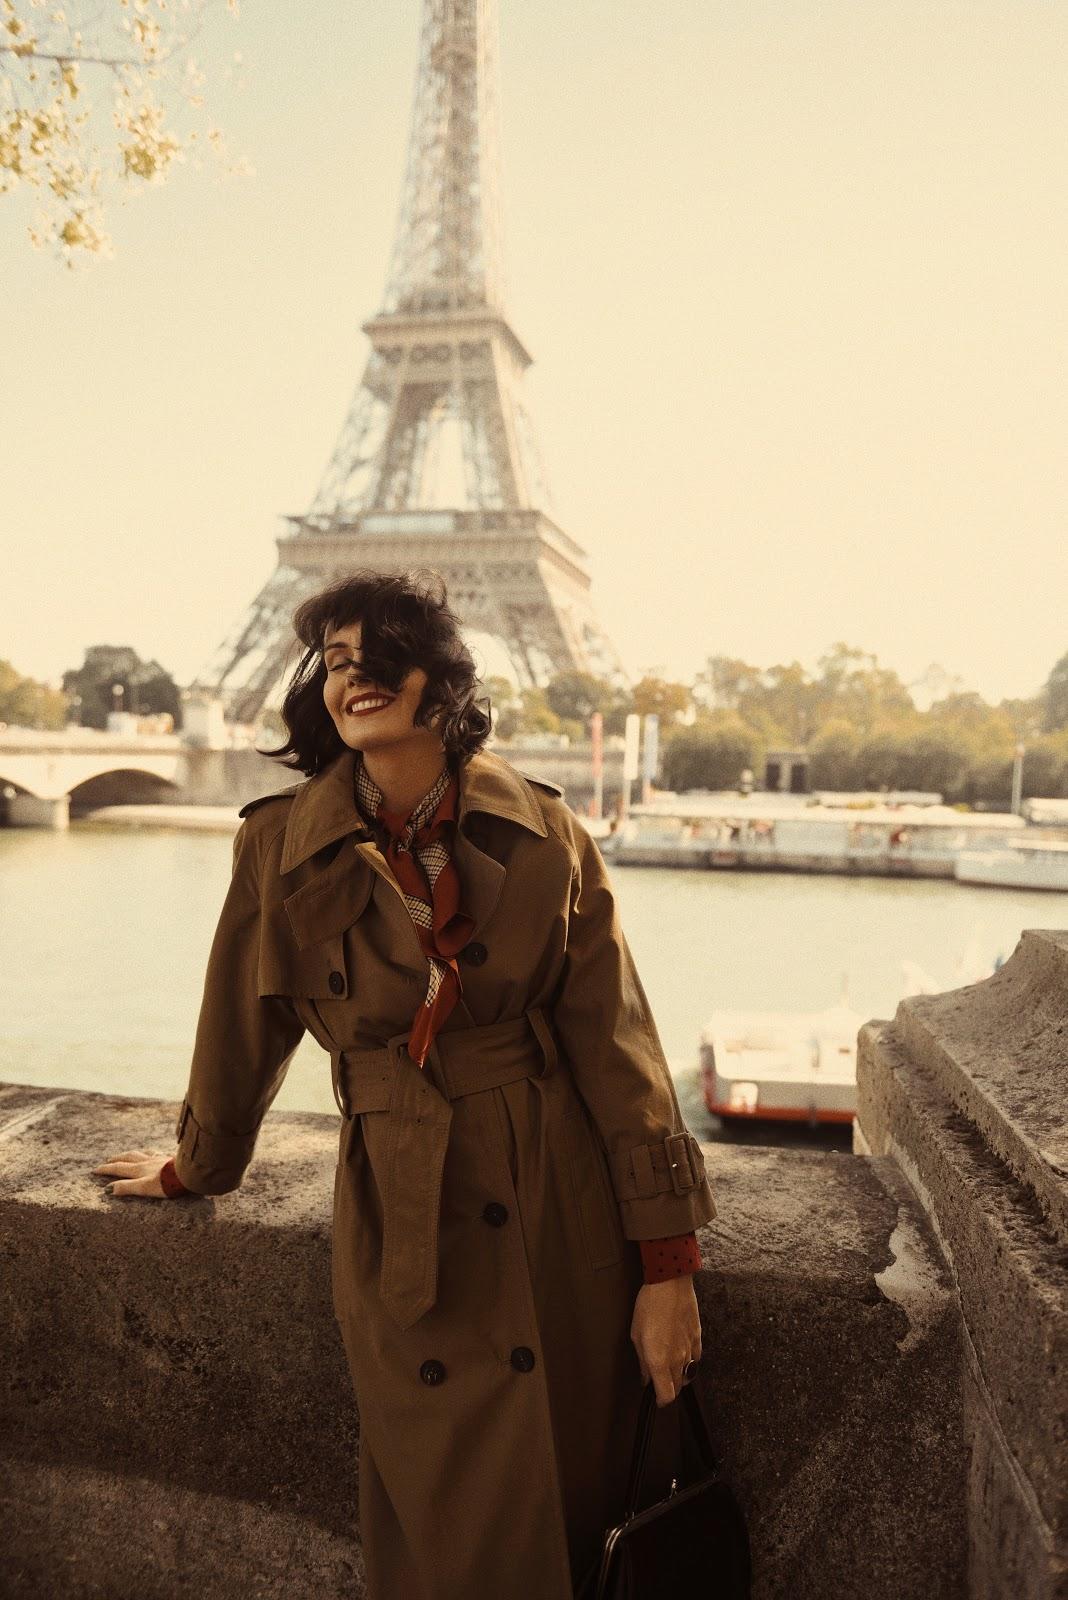 Jesienna stylizacja z Paryżem w tle i moje niegasnące uczucia…